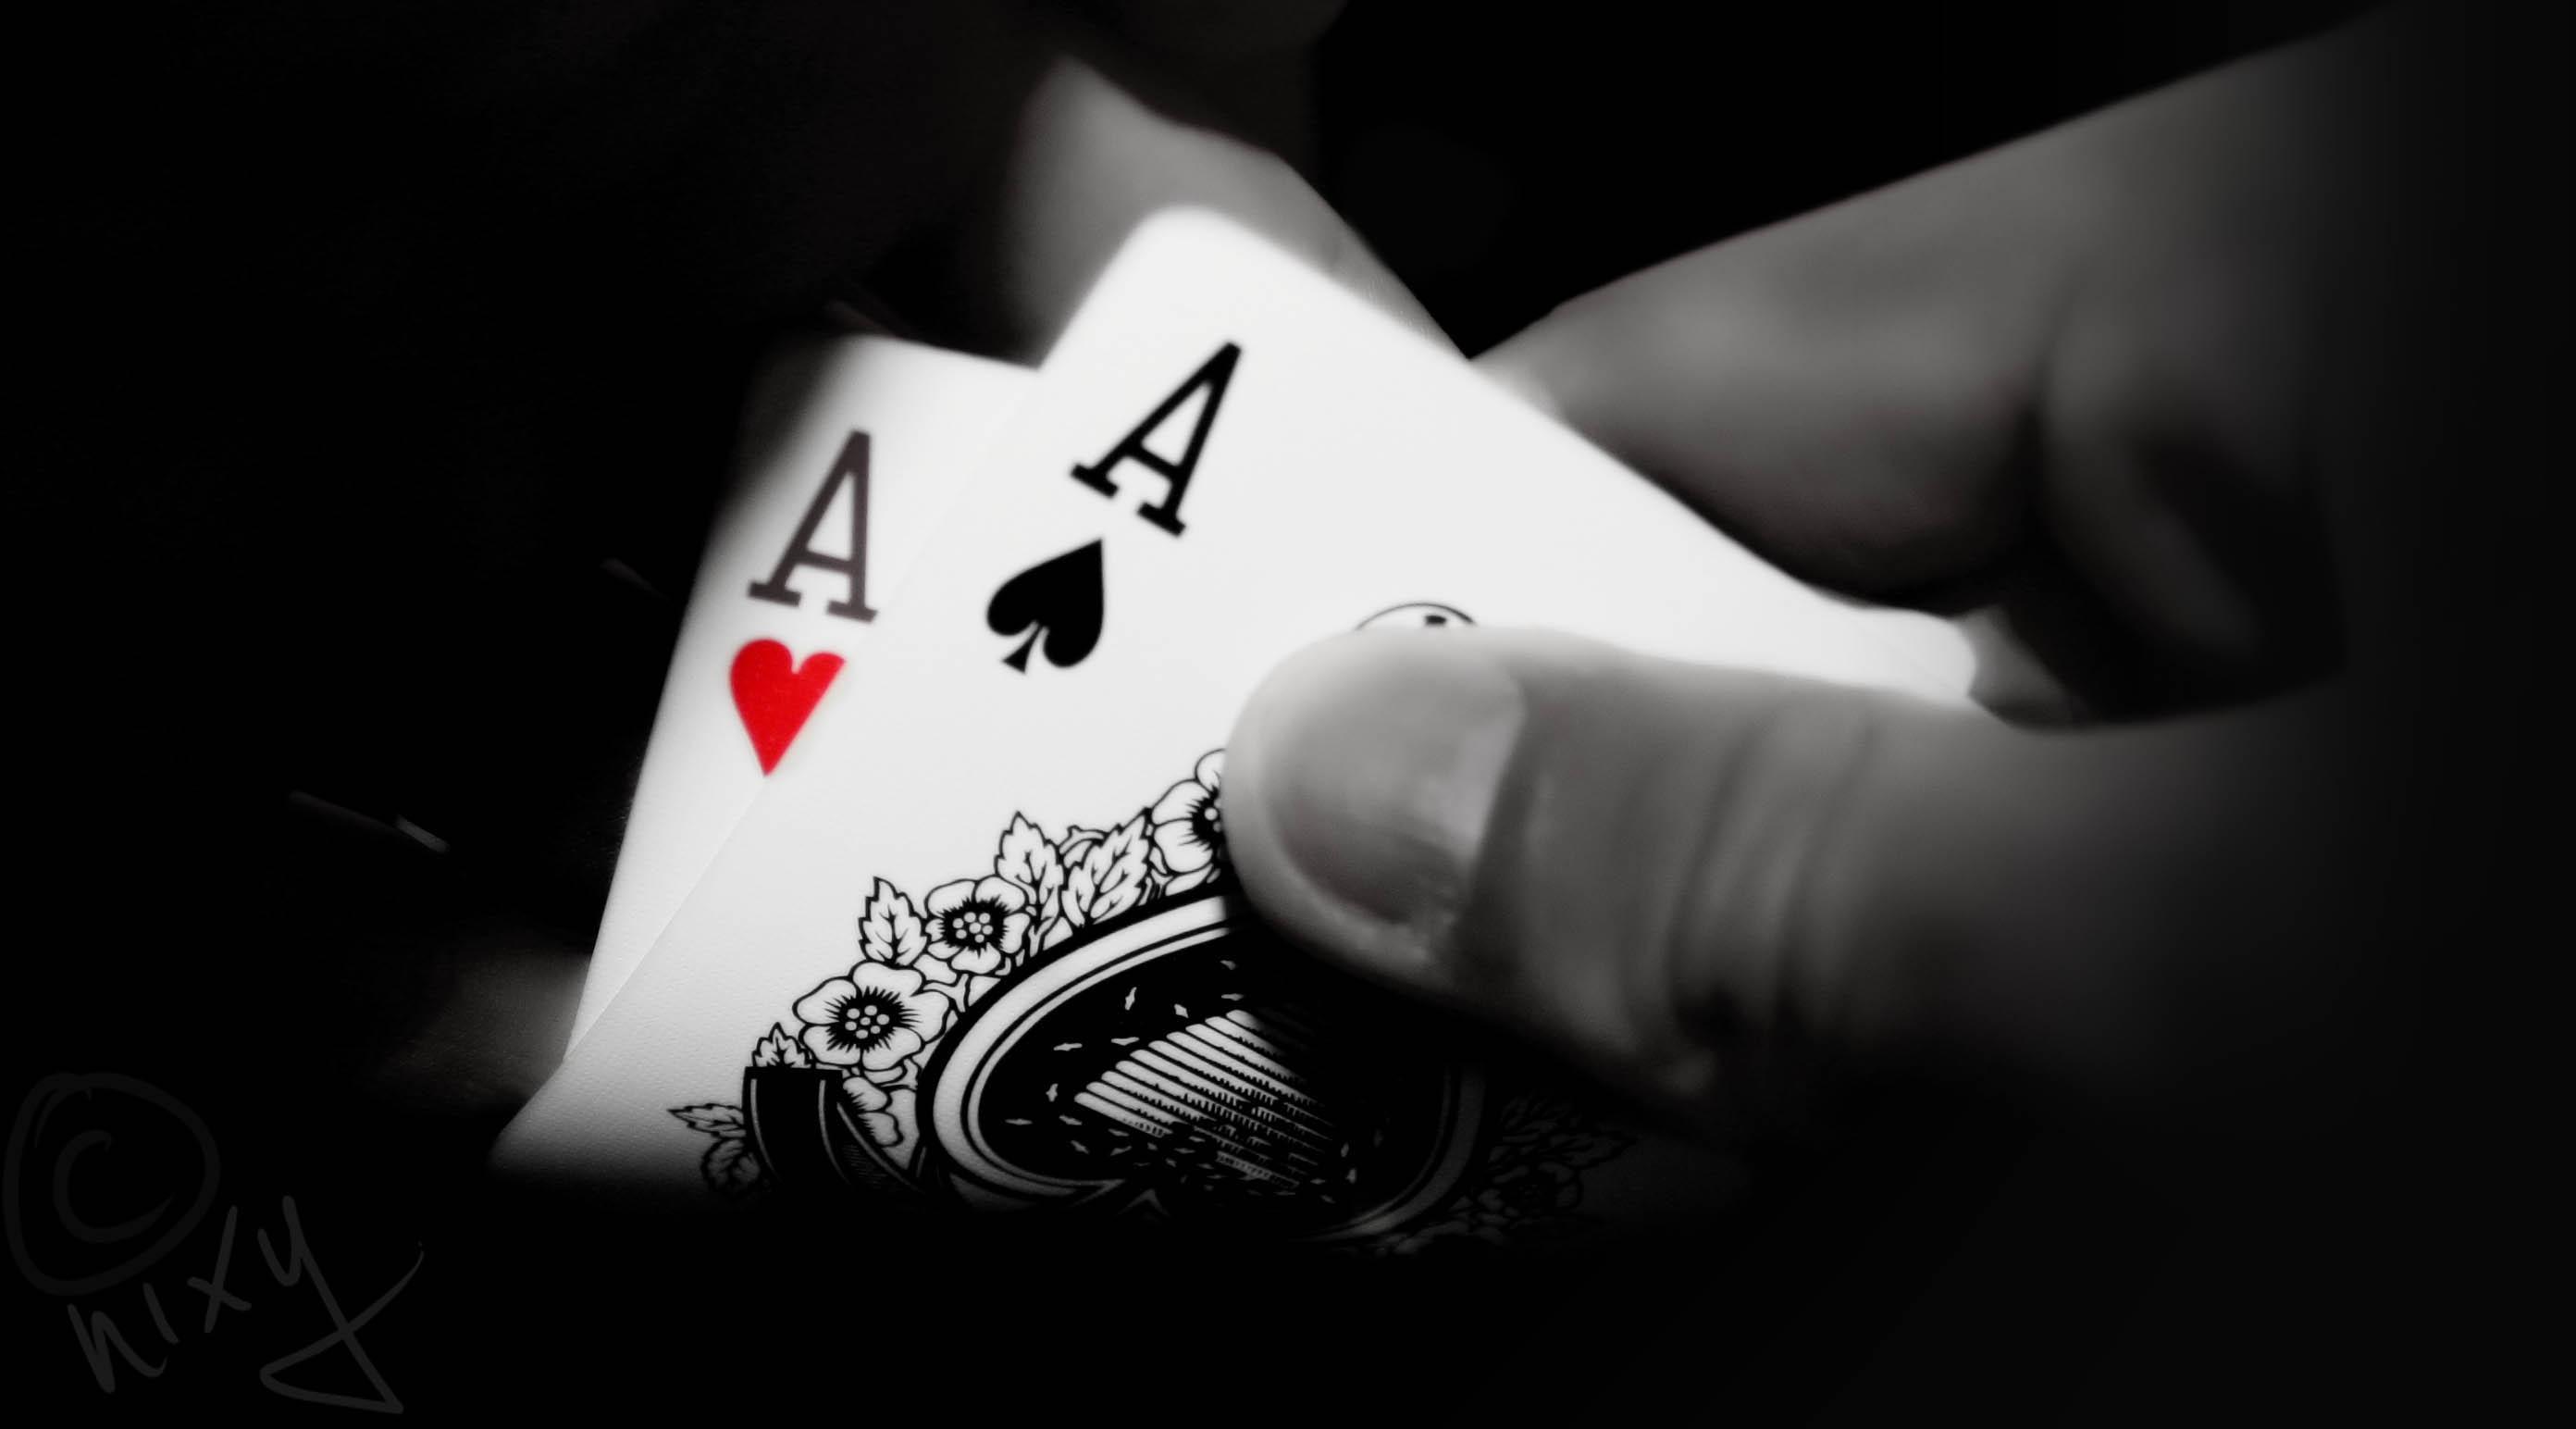 Le smartphone Android qui permet de tricher au poker